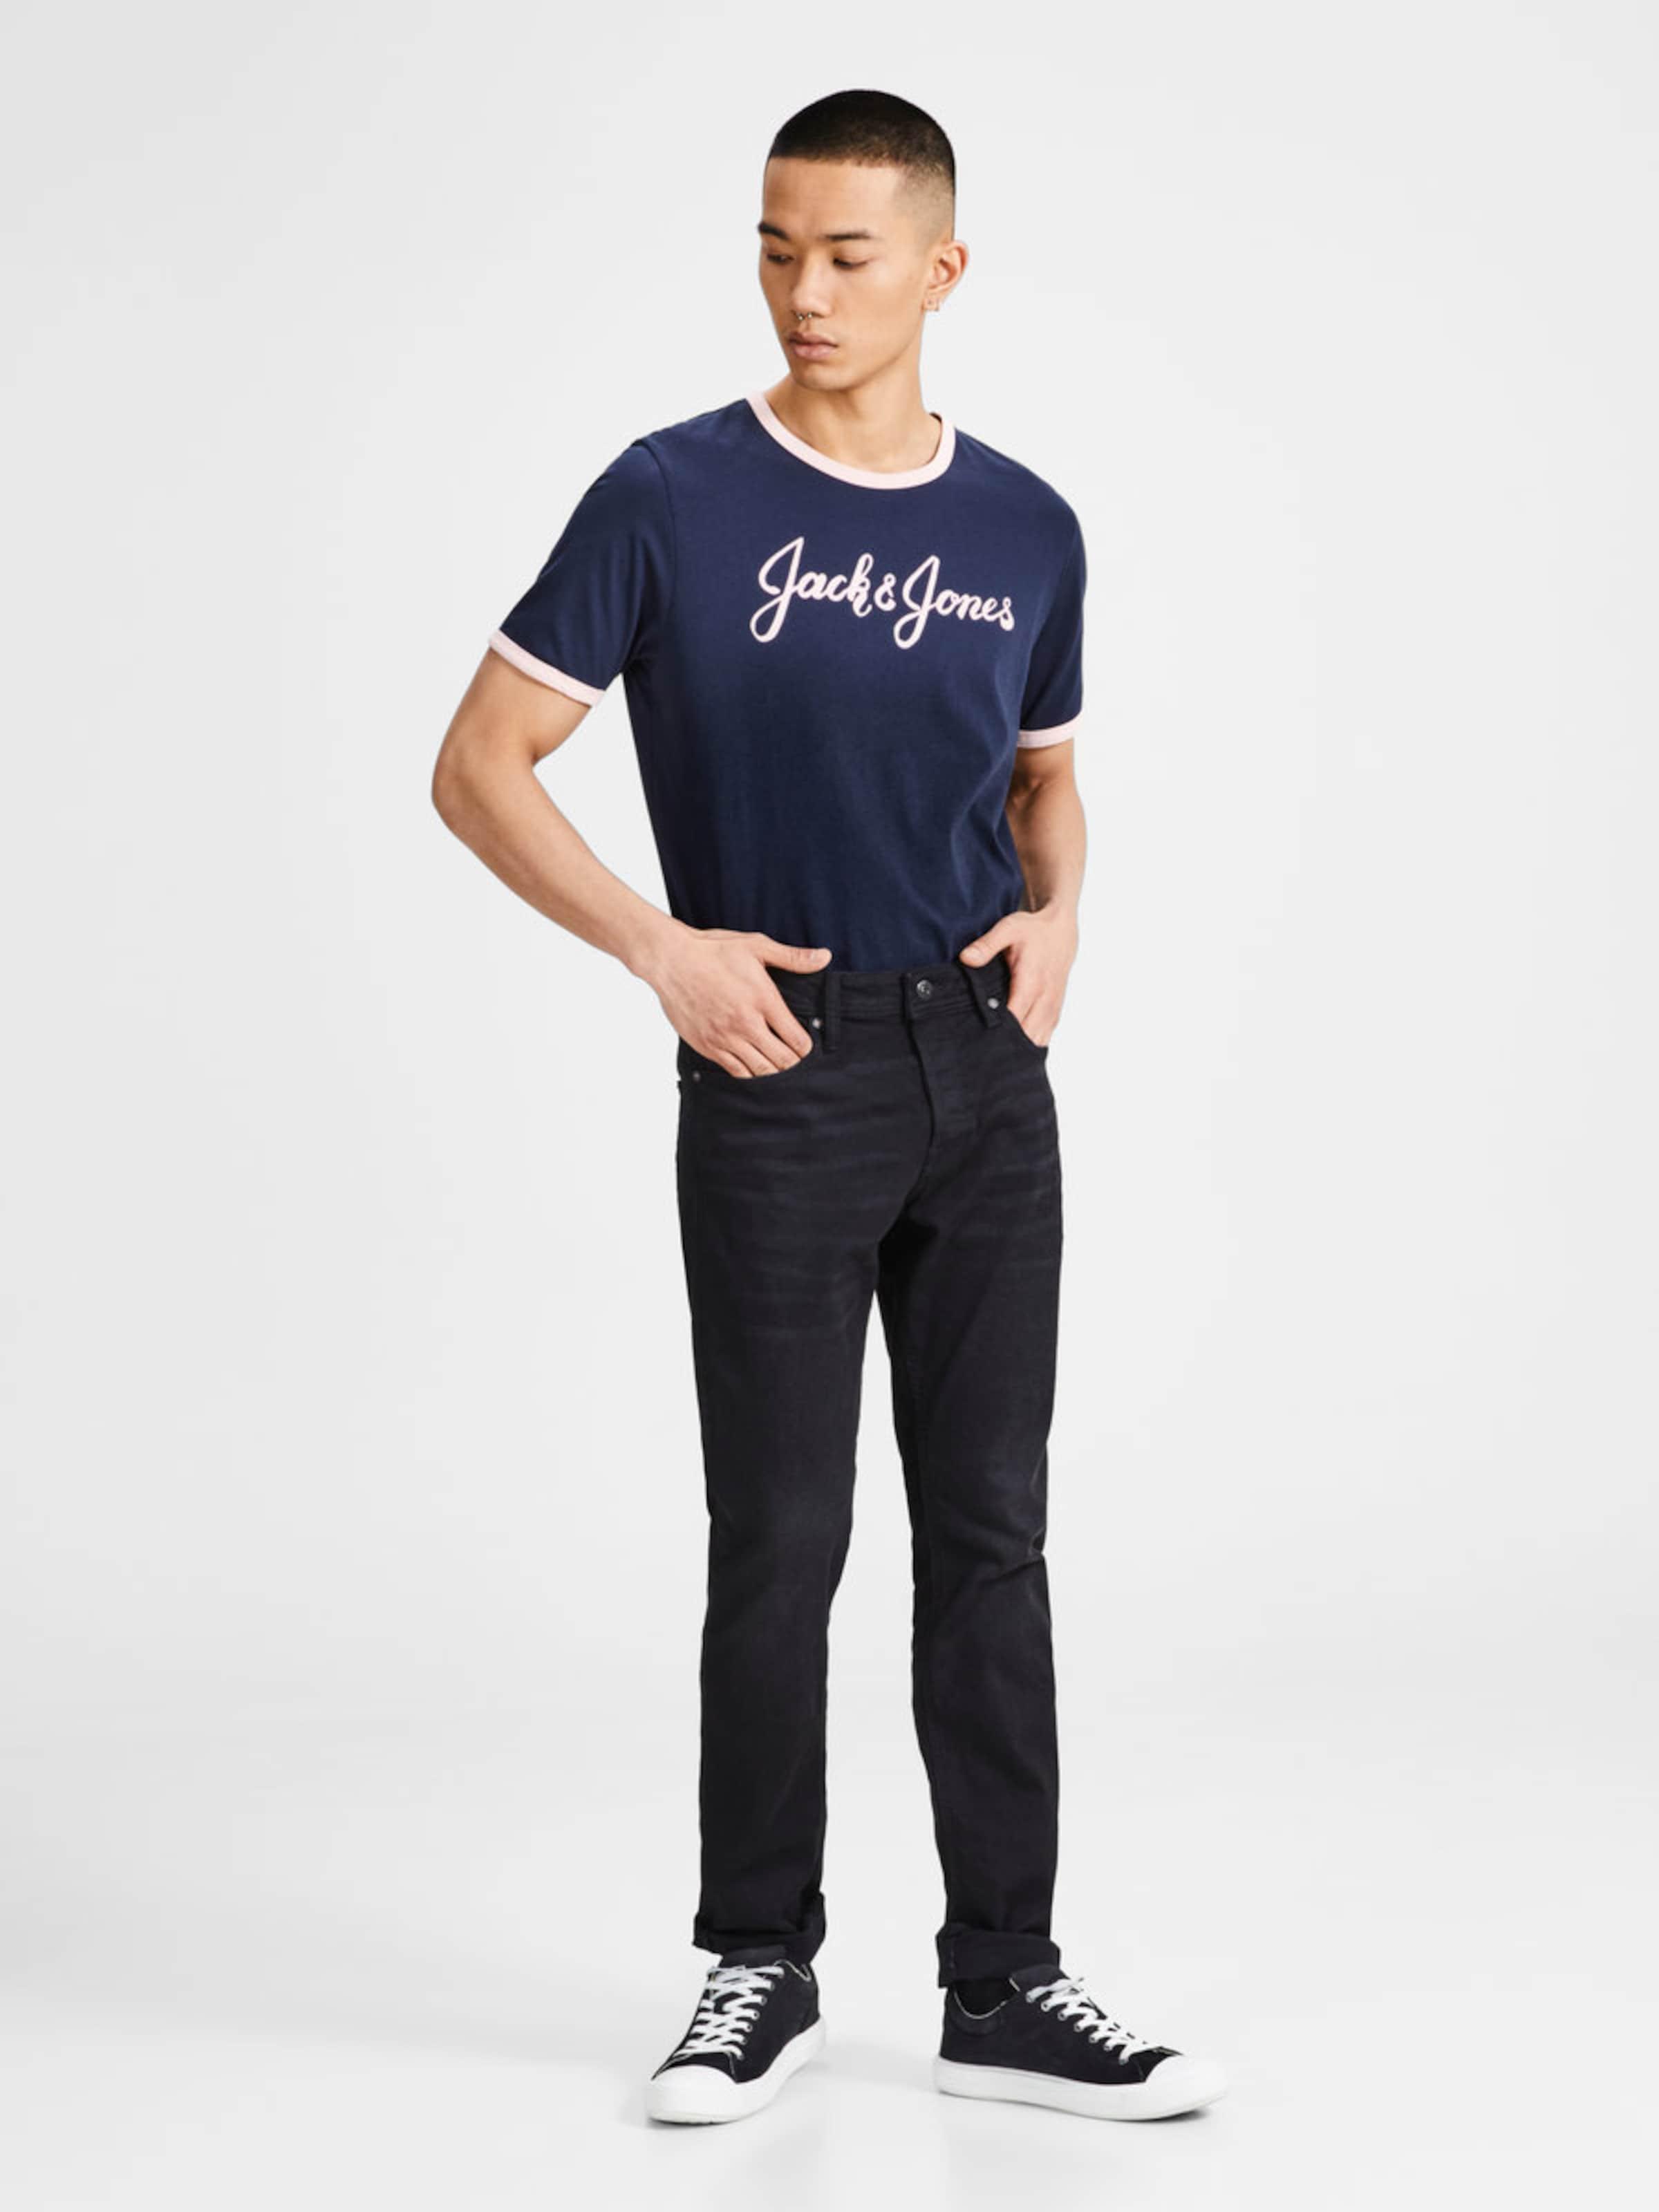 JACK & JONES Print T-Shirt Ansicht Verkauf Online Günstige Rabatte OIDoQ